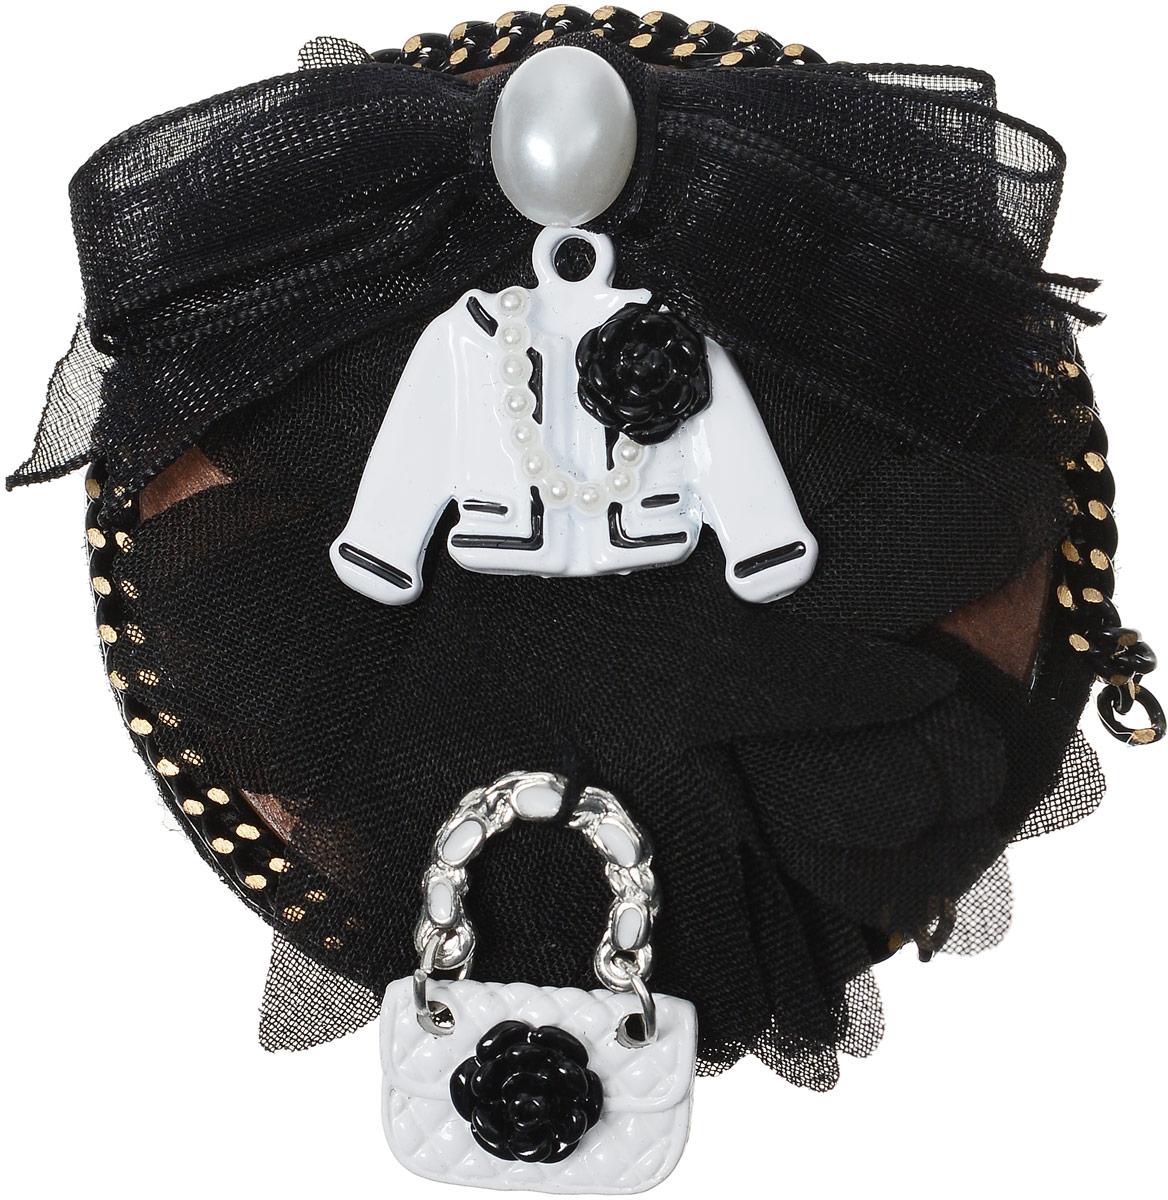 Брошь Taya, цвет: белый, черный. T-B-12558Брошь-булавкаБрошь-картина Taya в овальной рамке: черный полупрозрачный бант с жемчужиной, красивый пиджак с розой, модная сумка. Изготовлена модель из качественного бижутерного сплава Застегивается на металлическую застежку-булавку.